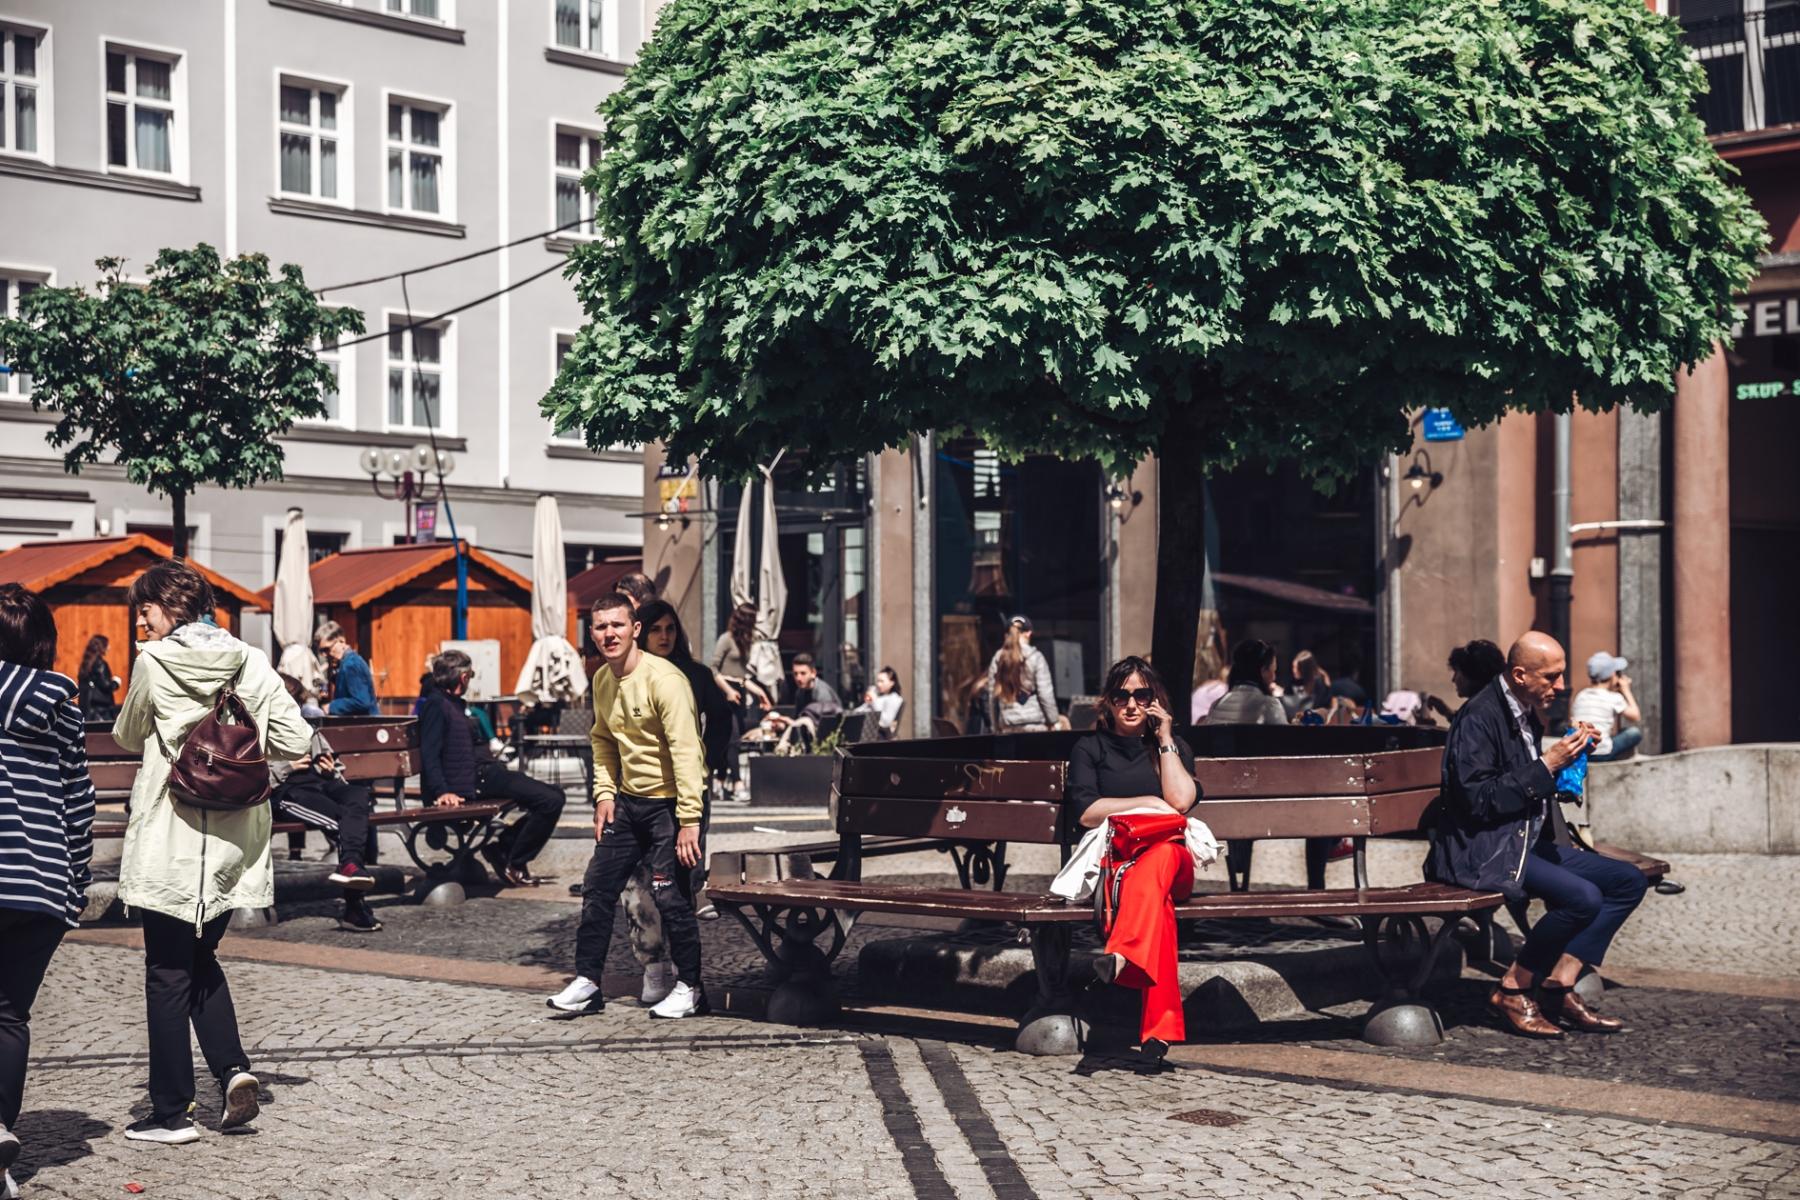 R jak rozluźnienie, czyli życie miejskie kwitnie [FOTOREPORTAŻ]